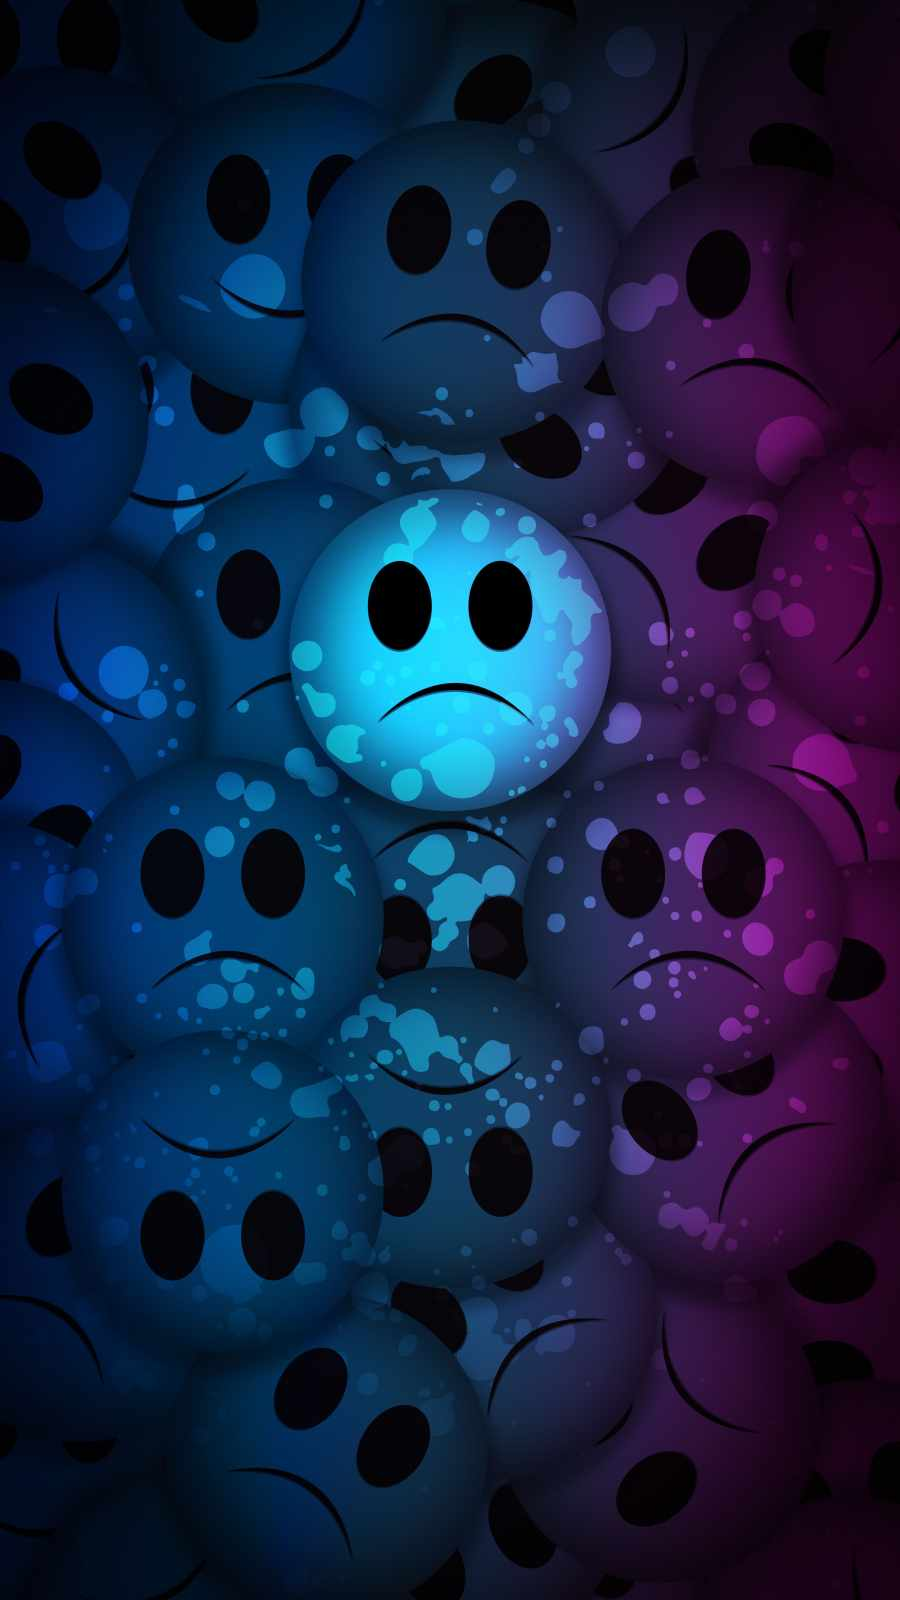 Sad Faces iPhone Wallpaper